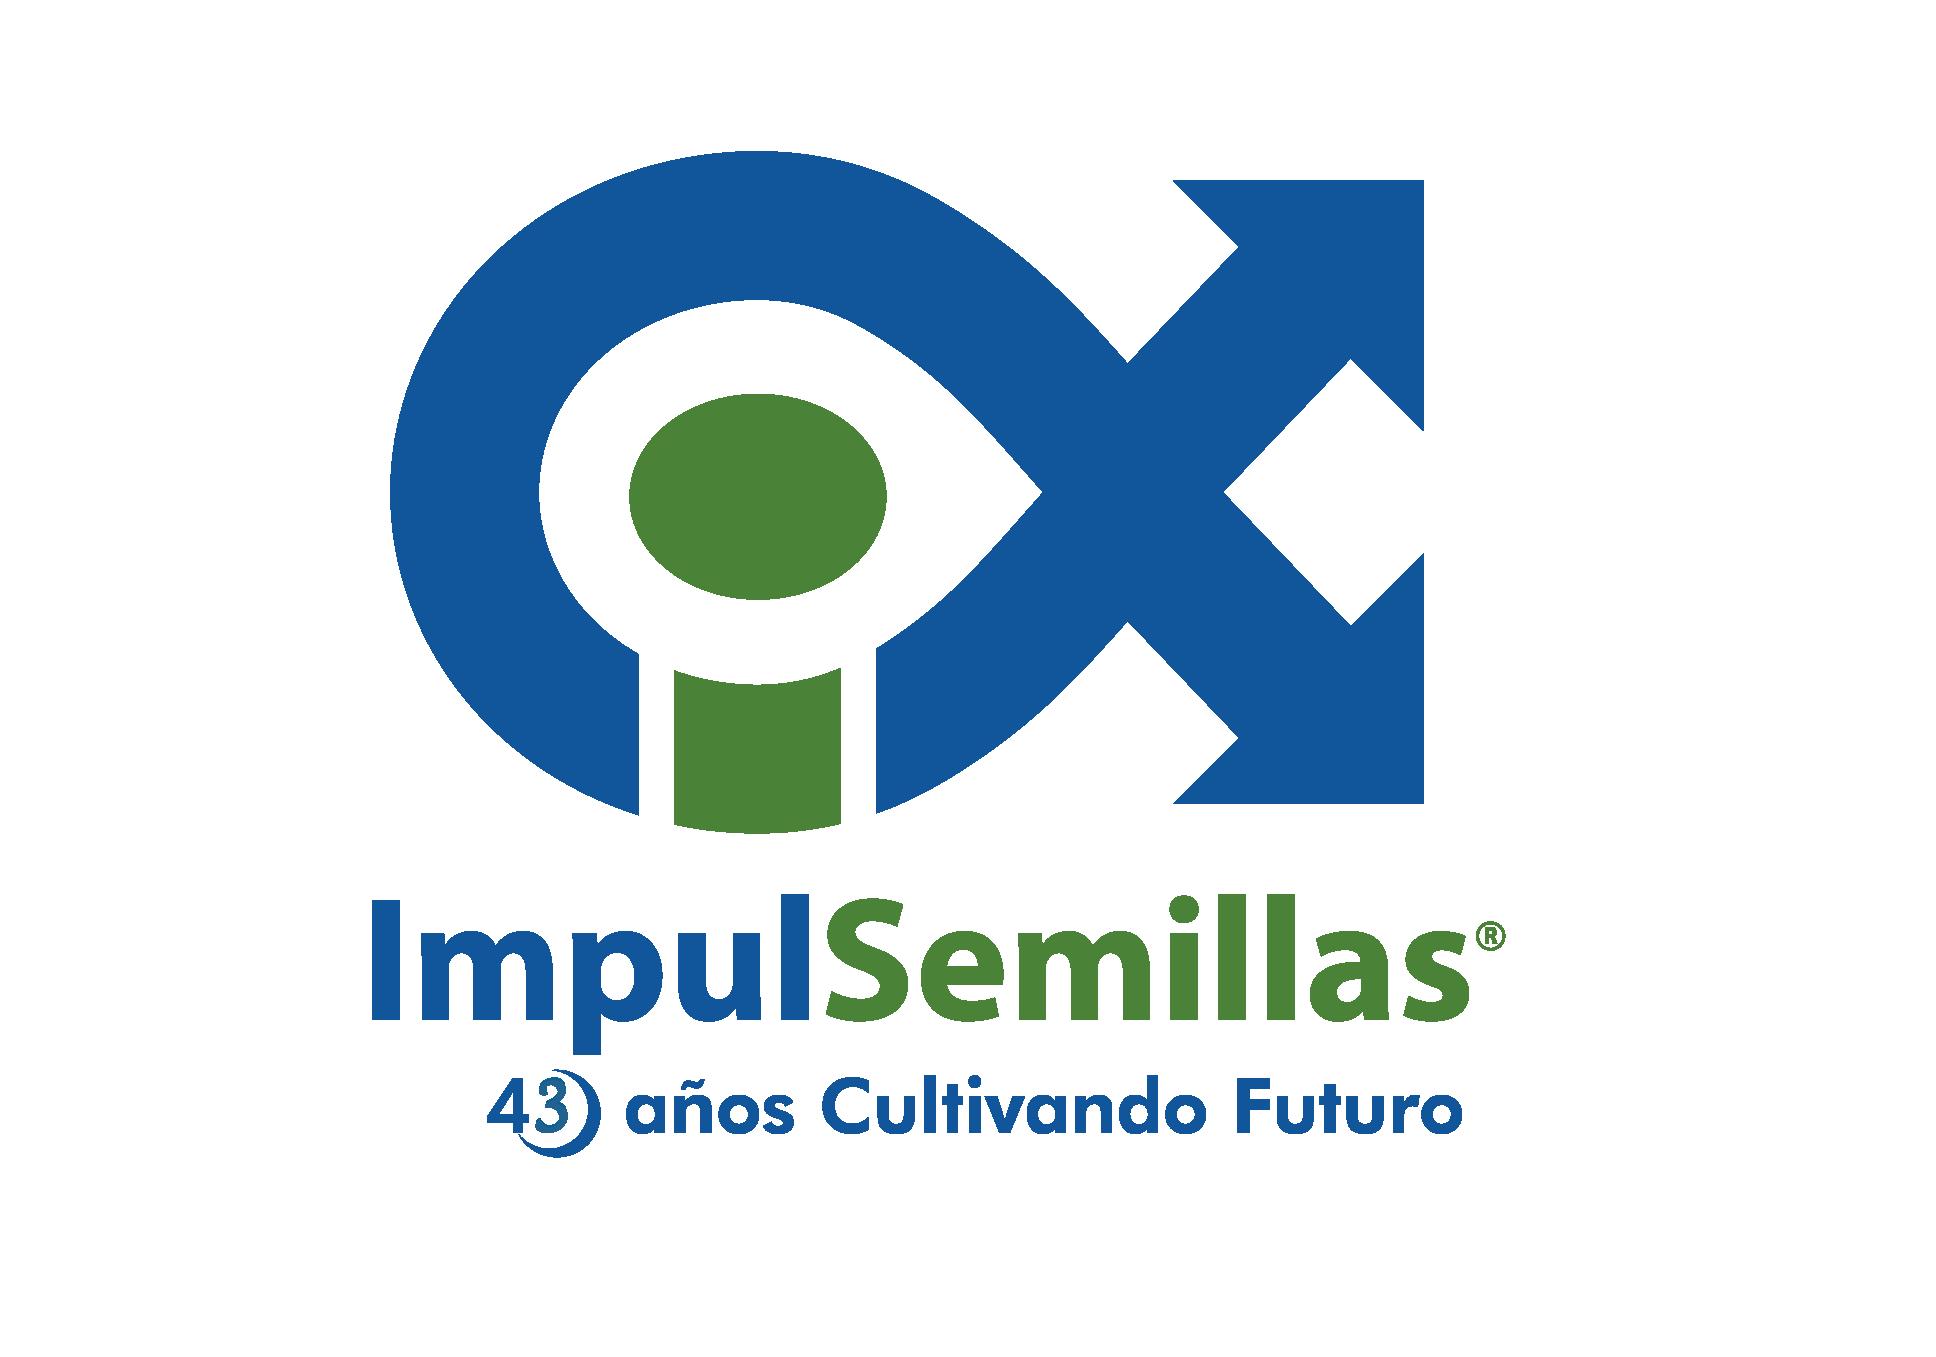 Logo impulsemillas 2021 02